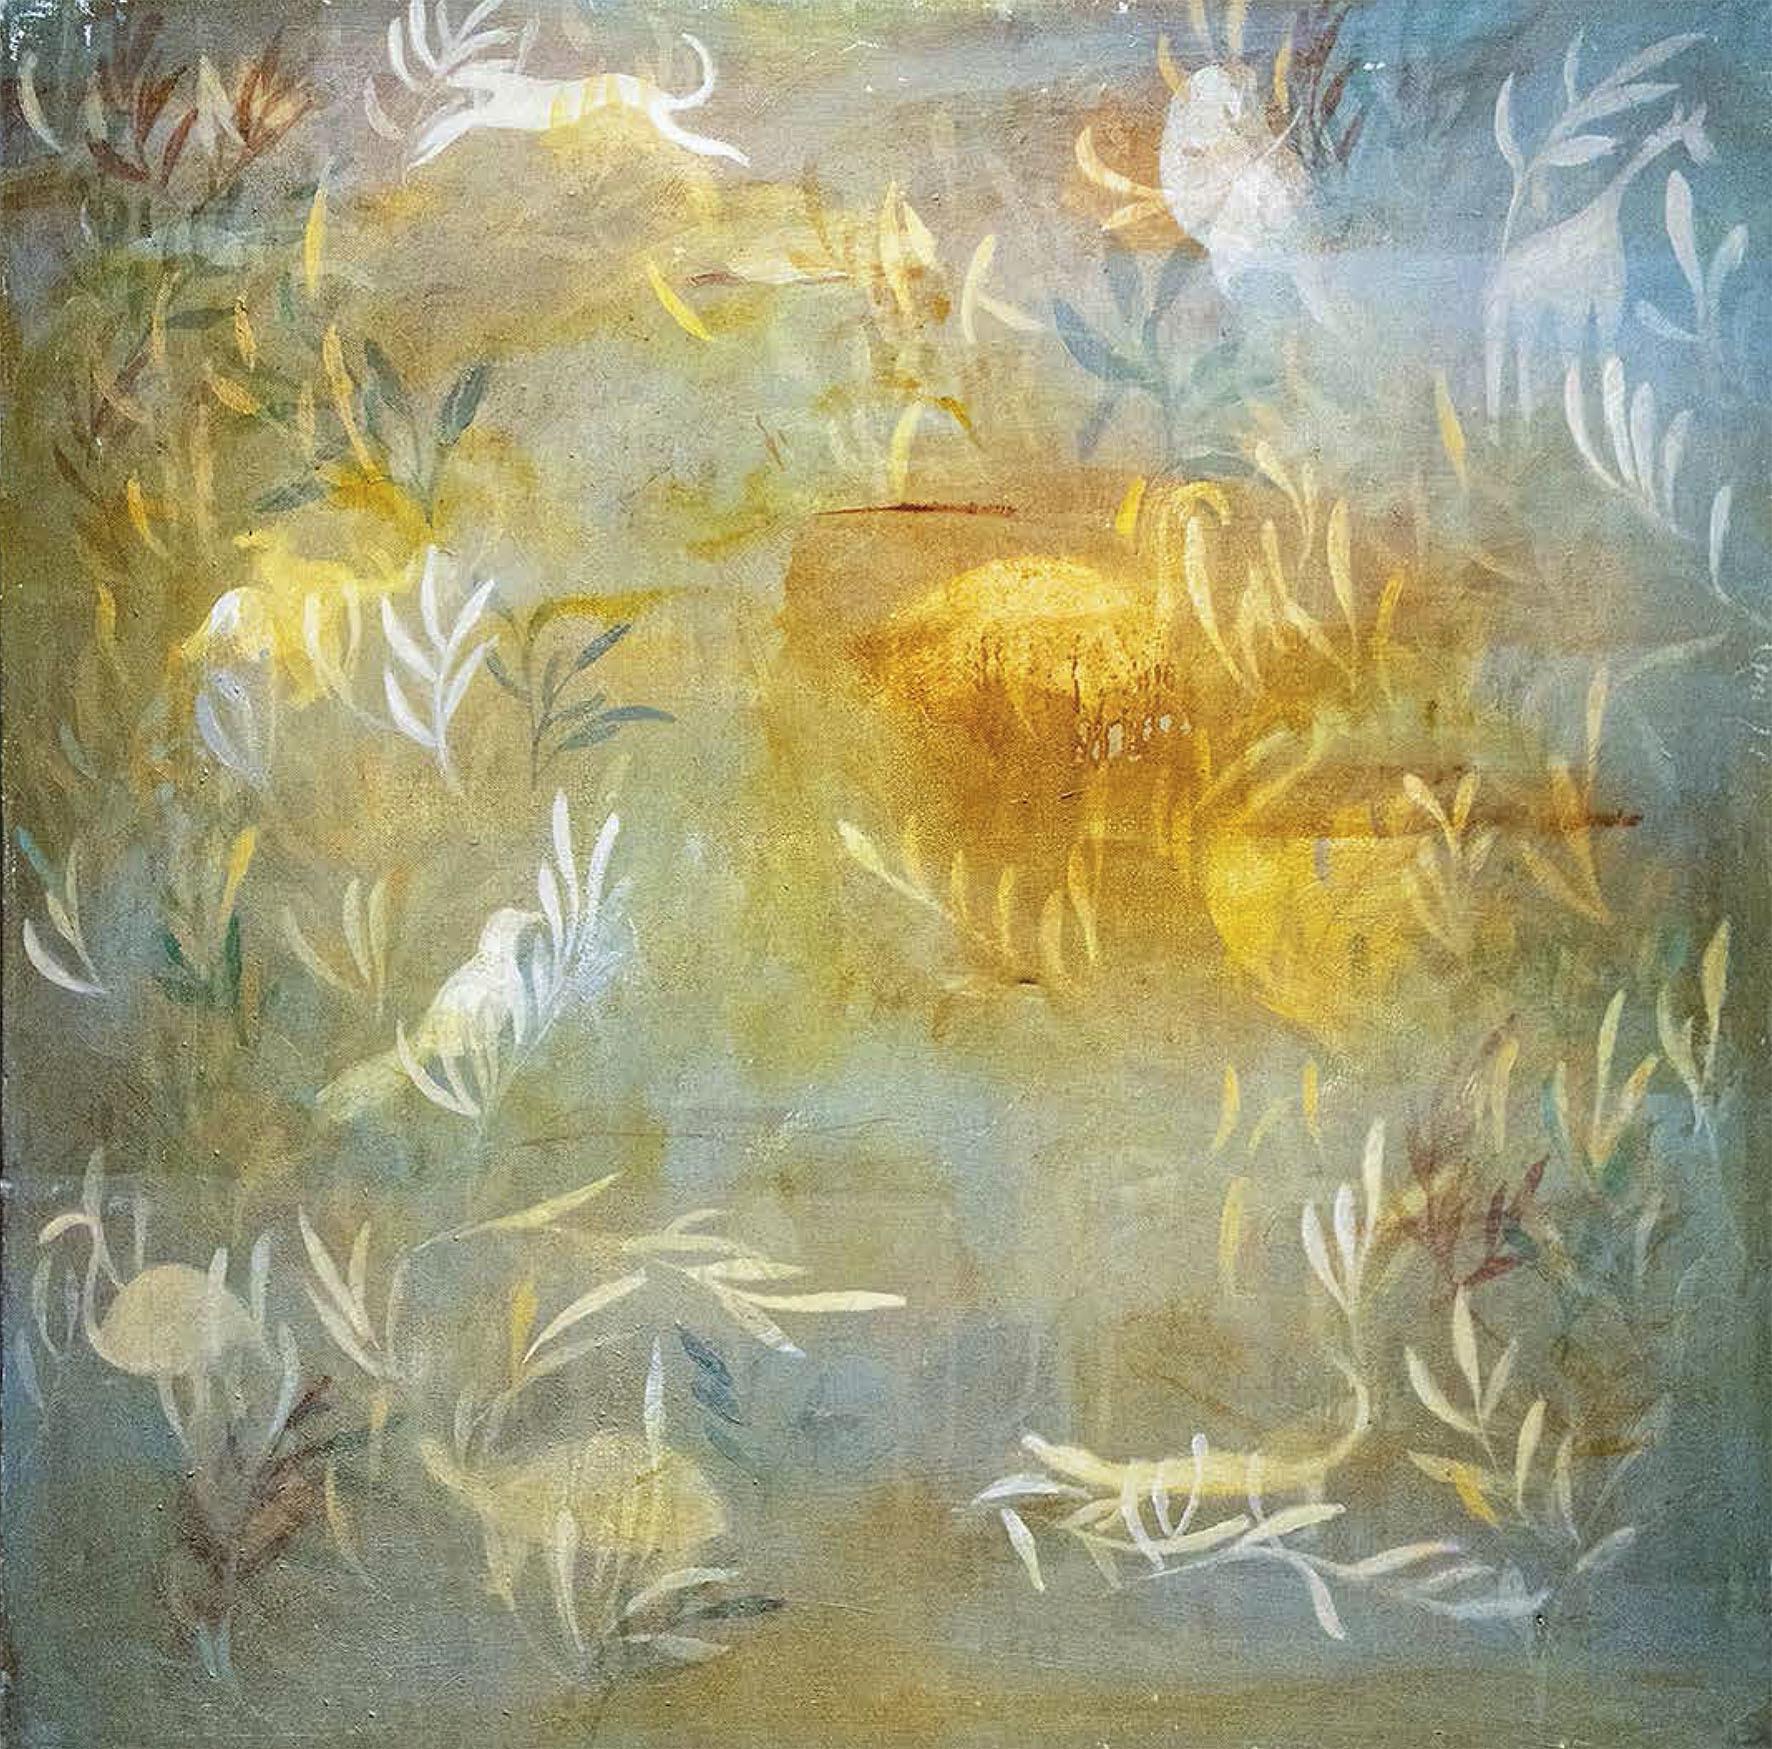 Tableaux de Philip Ciolina.